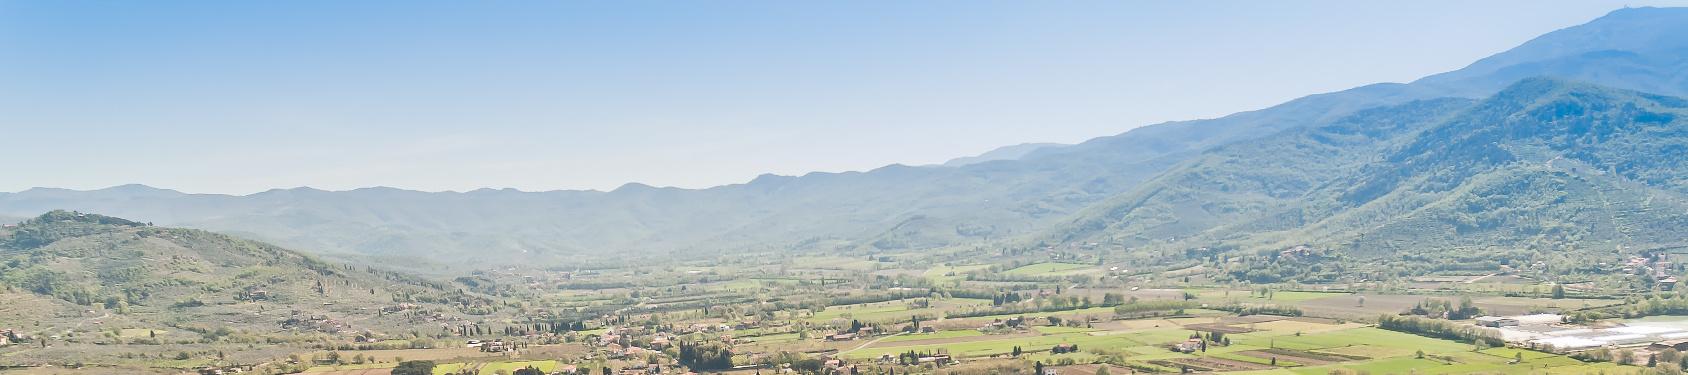 Bild von Arezzo